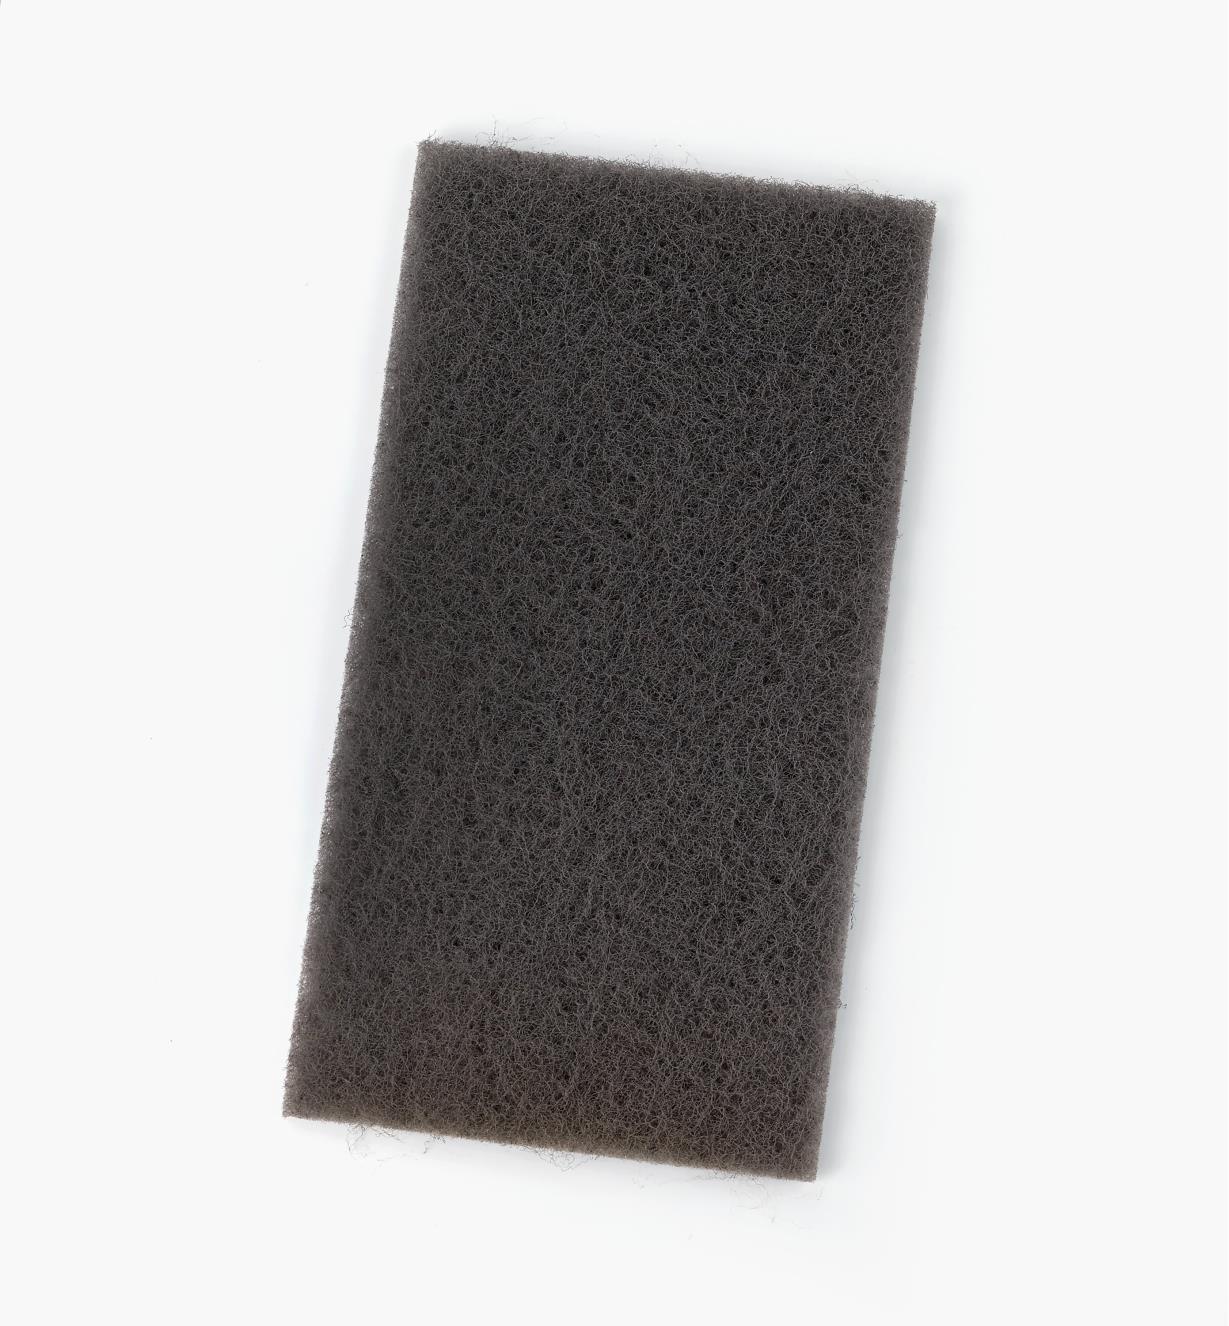 55K9343 - 1500x Mirlon Total Abrasive Pad, each